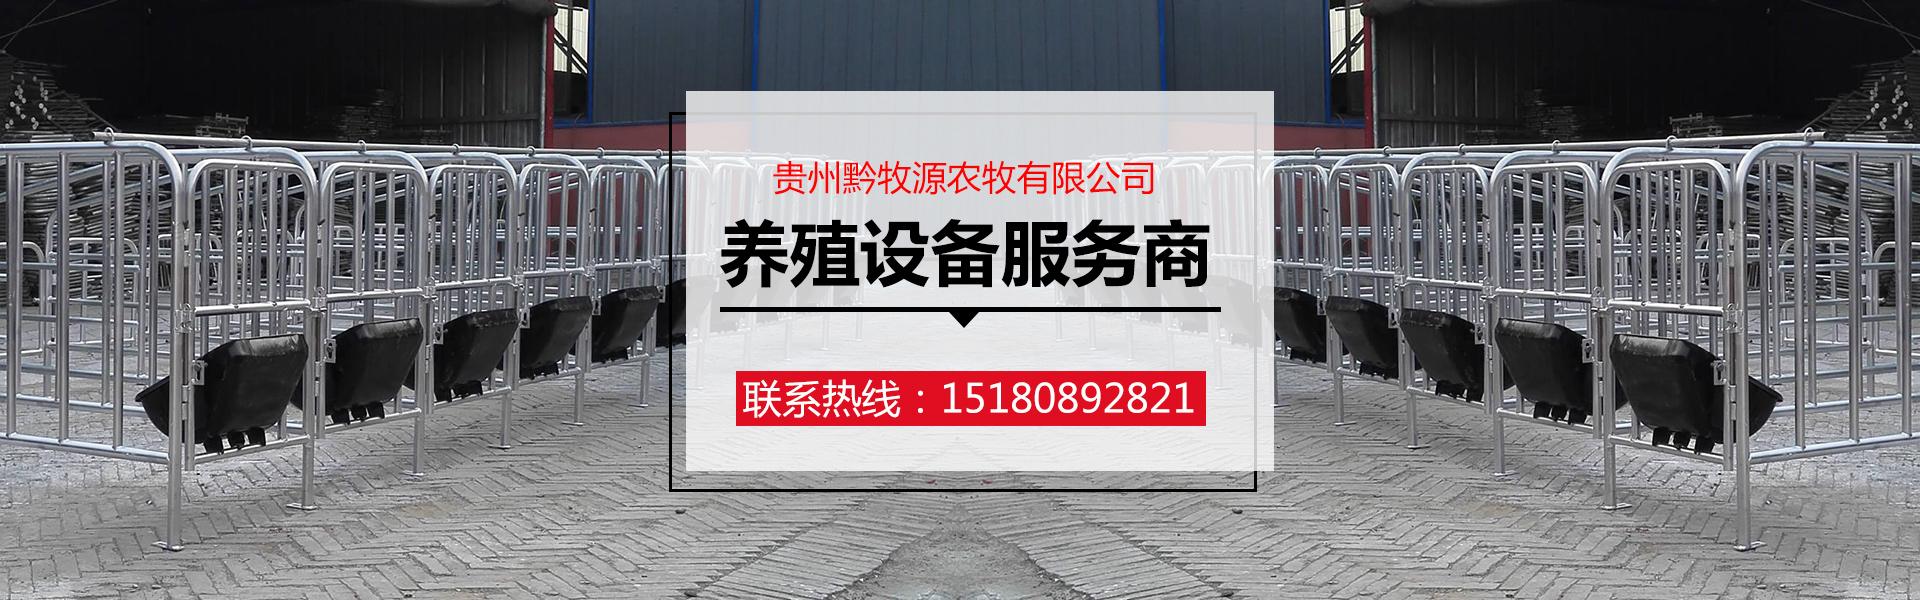 贵州养殖设备厂家